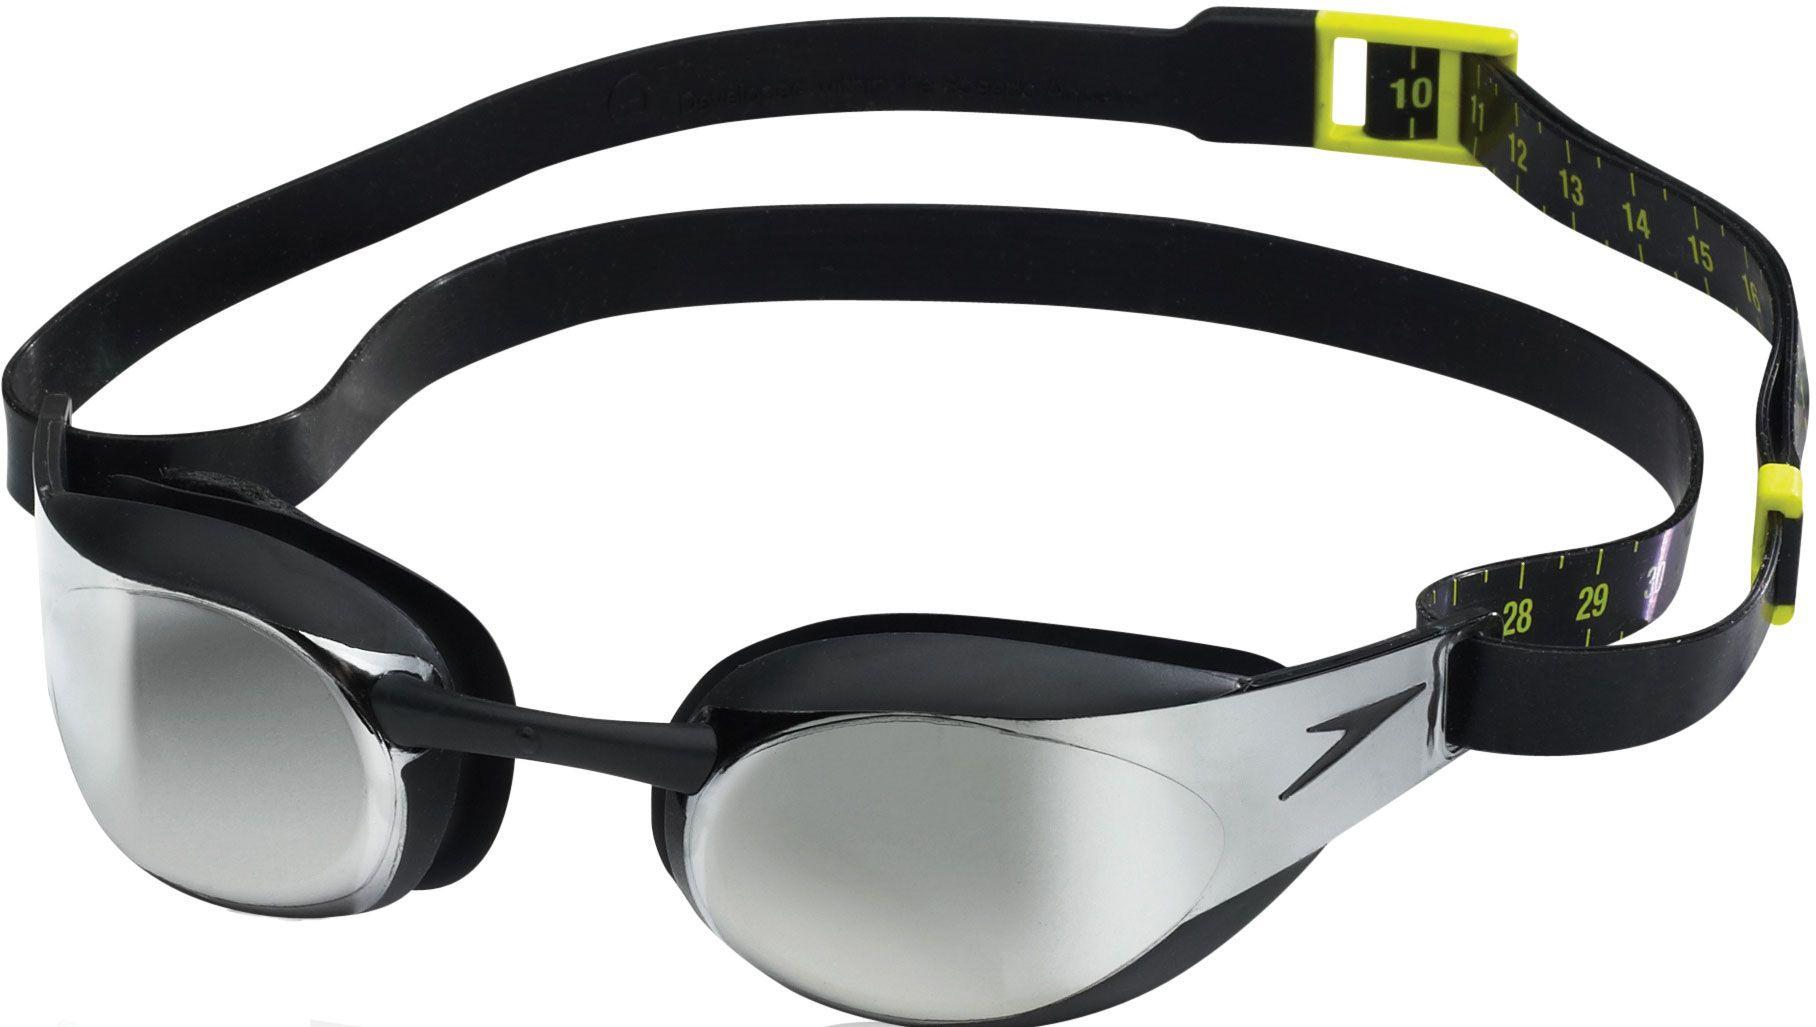 95ff76629e9 Speedo FS3 Elite Mirrored Swim Goggles